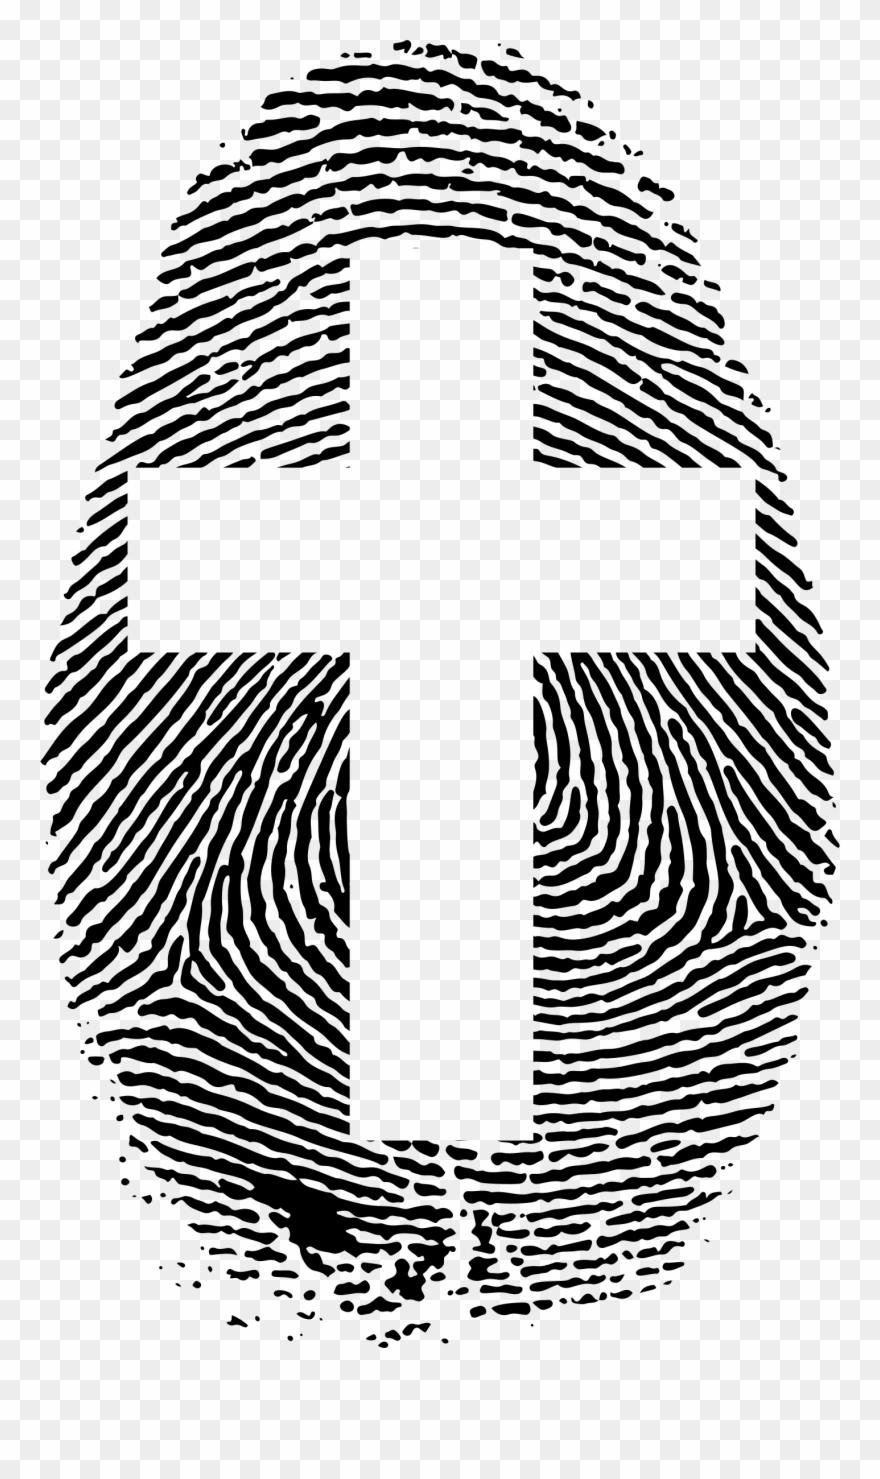 Fingerprint clipart big. Image fibonacci pinclipart